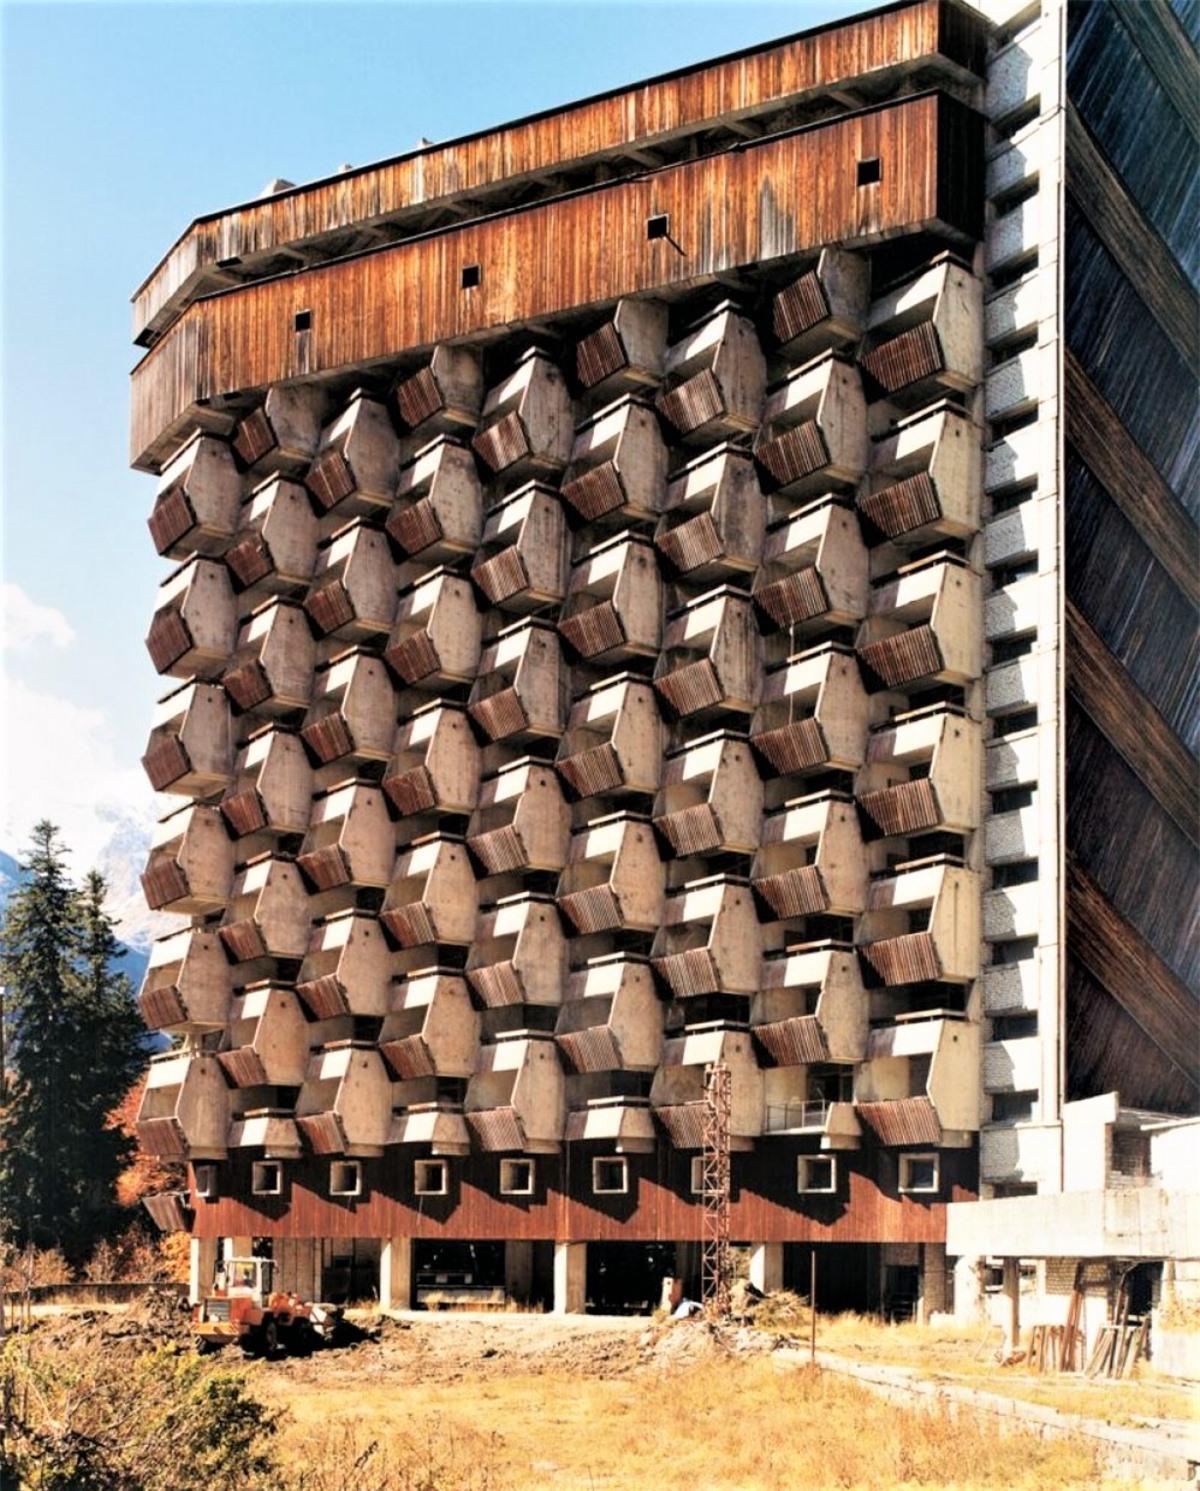 Khách sạn Amanauz chưa hoàn thành ở khu trượt tuyết nghỉ mát Dombai, Nga.